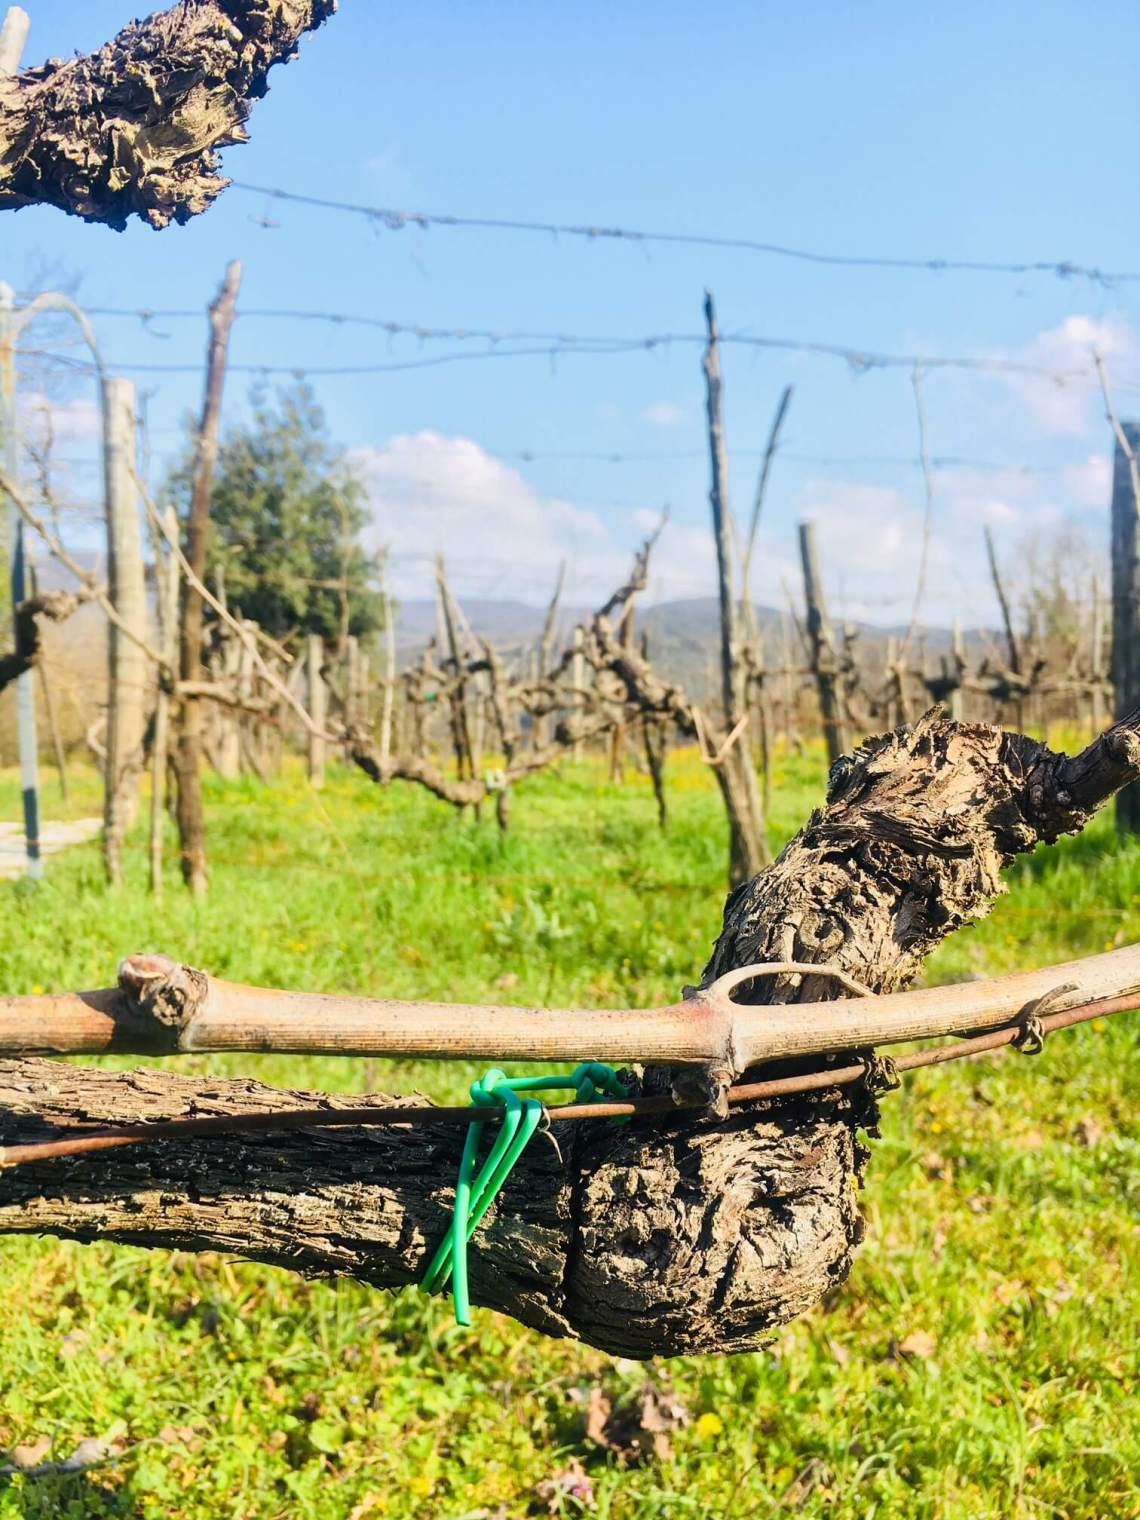 Målet med vingården er at den skal være mest mulig ren og fri for kjemikalier. Nå har vi tatt et valg - å gjeninnføre en gammel metode: Vi skal binde opp vinstokker med naturlig materiale som finnes på eiendommen. Det gledelige er at dette erstatter plast og gummi vi tidligere brukte.